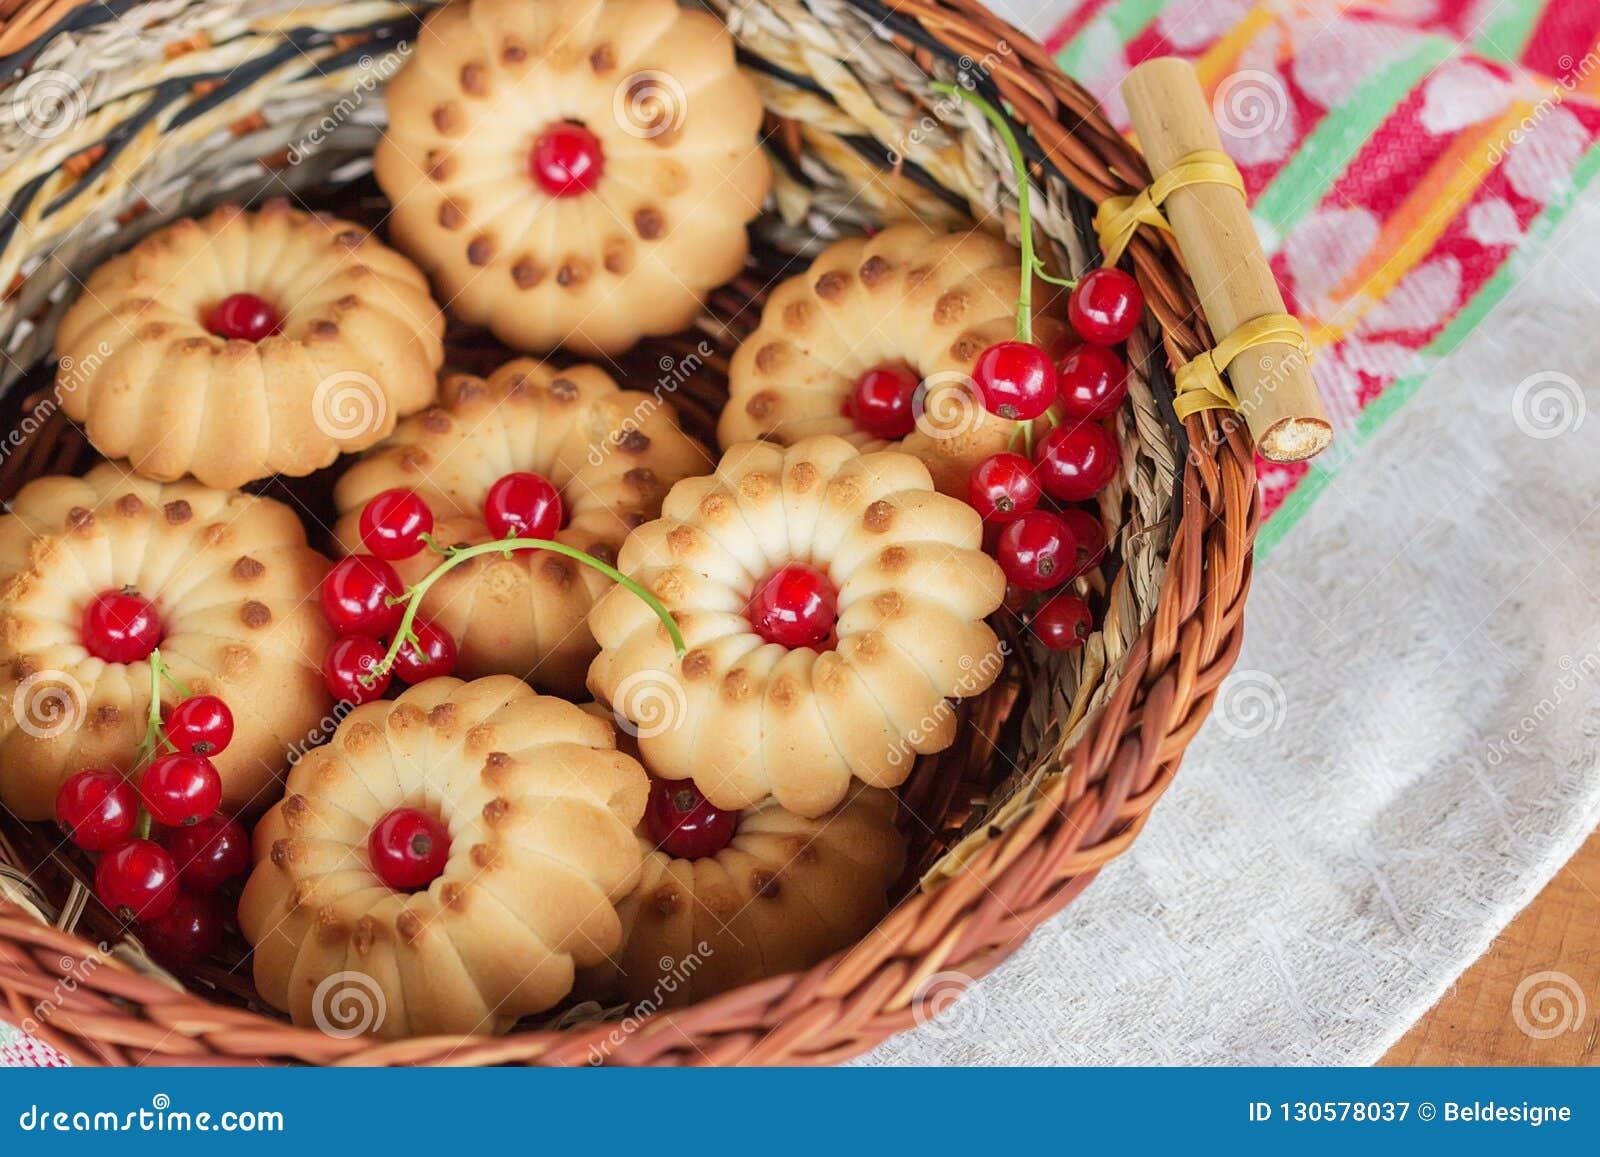 Μπισκότα με red-currant σε ένα καλάθι